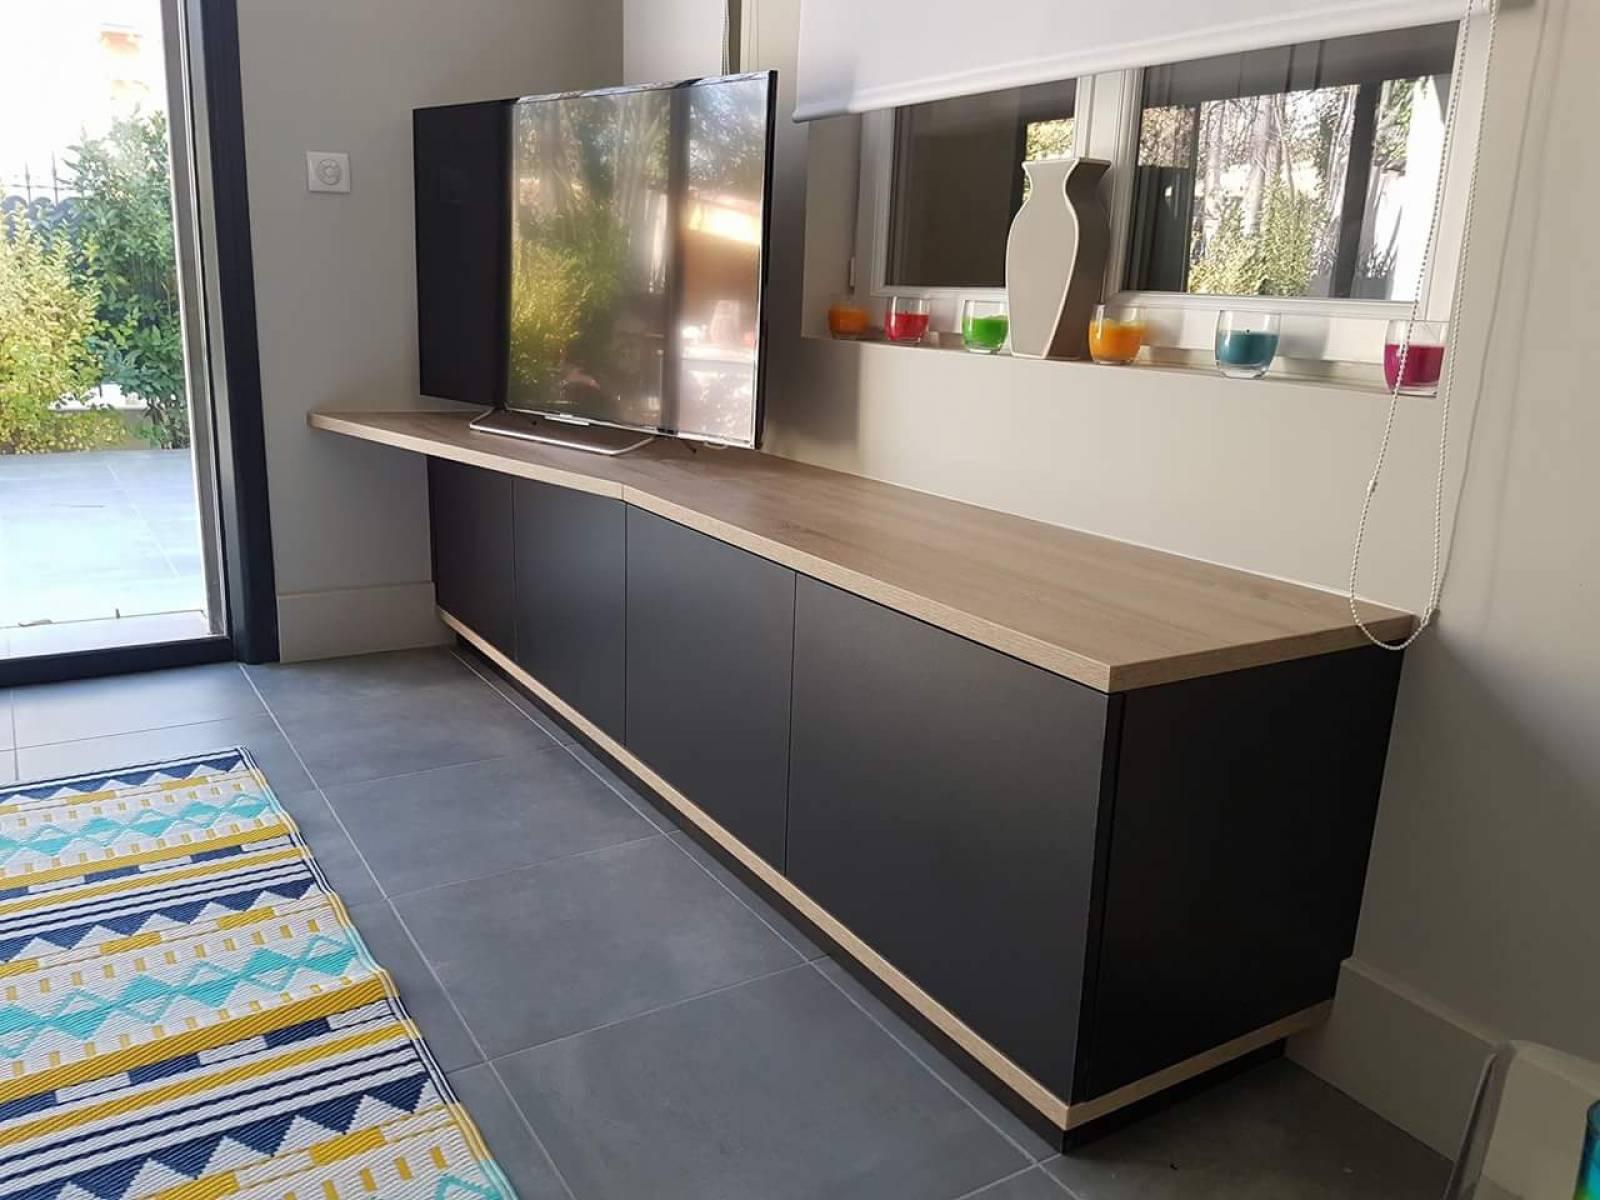 Tv Escamotable Dans Meuble meuble tv sur mesure - spécialiste de l'aménagement